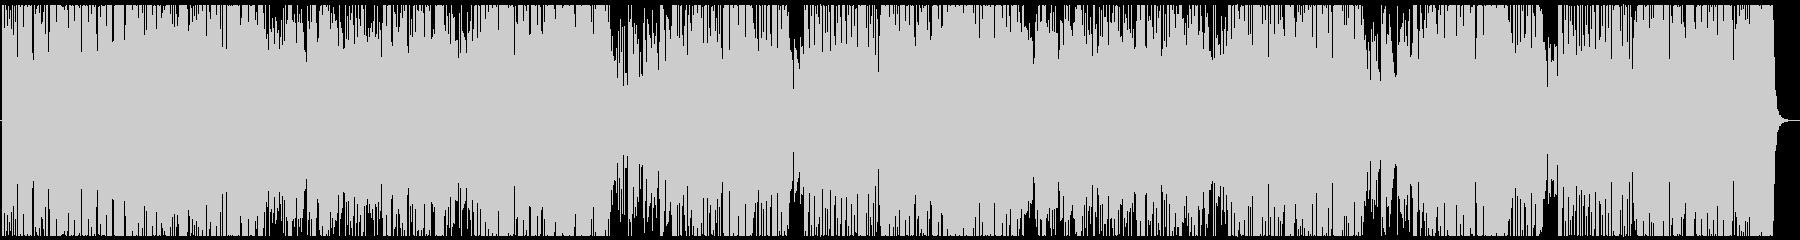 フュージョン風ステージセレクト画面の未再生の波形